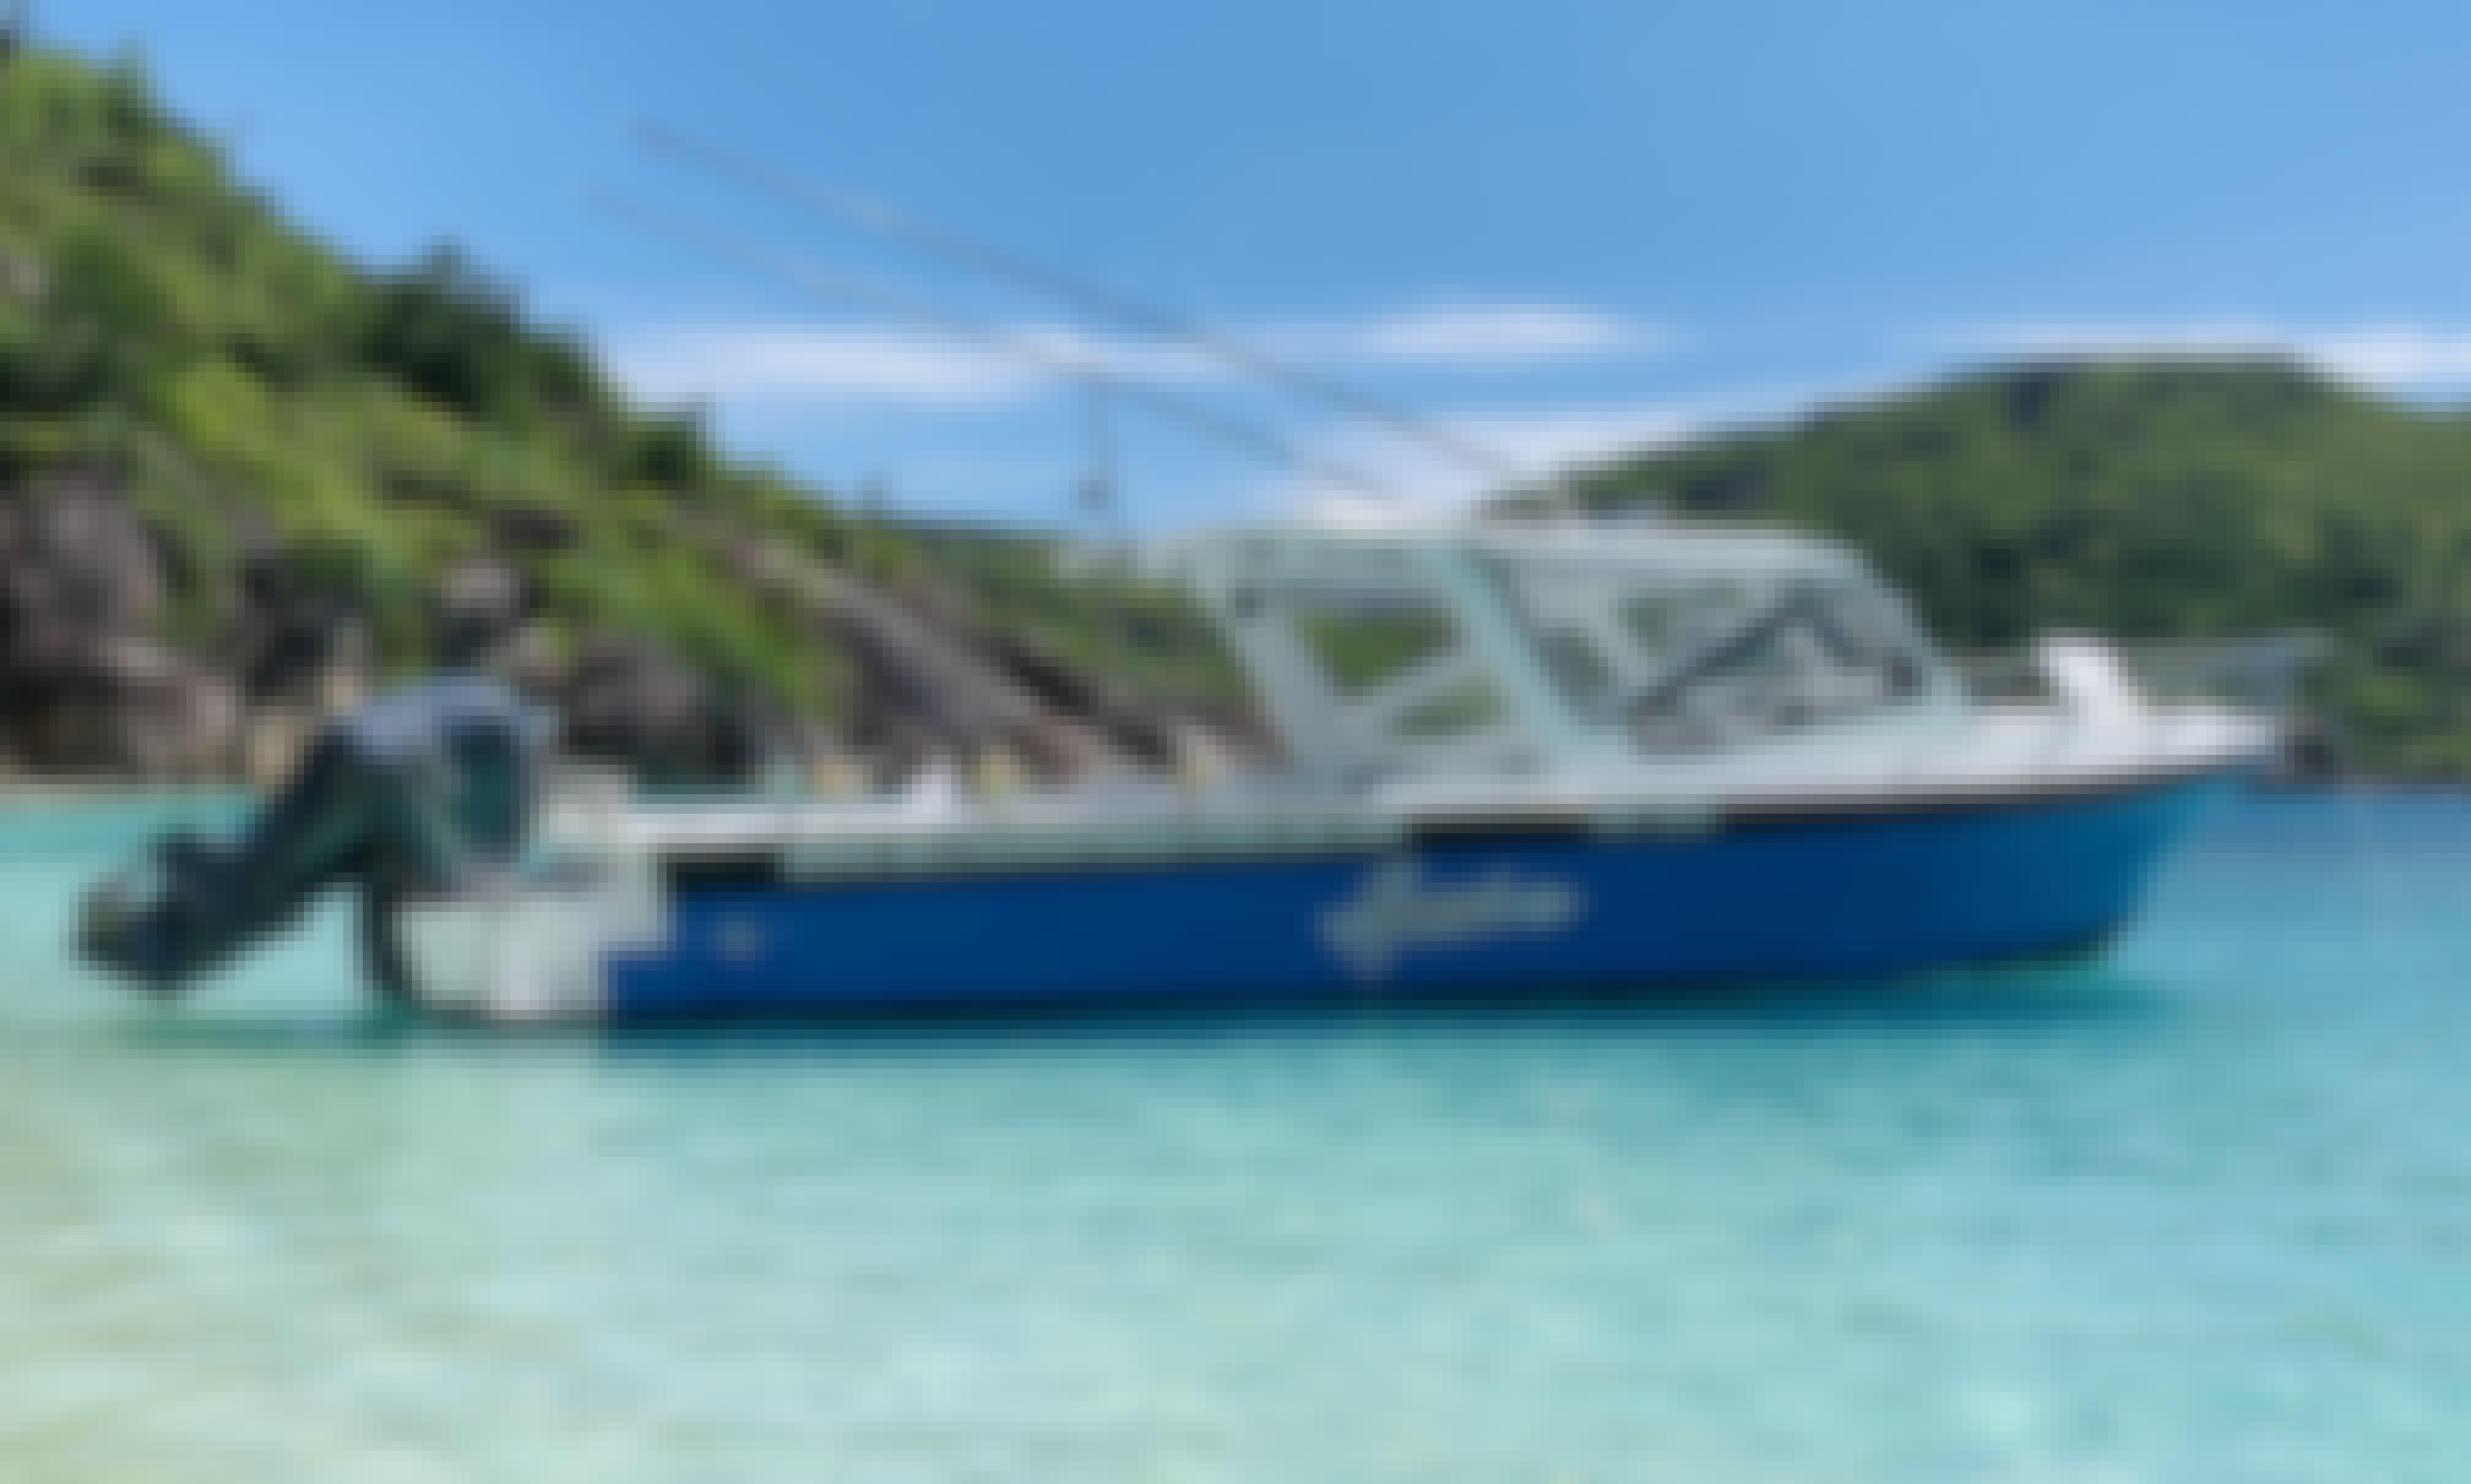 Fishing Charter Aboard a Bertram Sportsfishing Boat in Seychelles